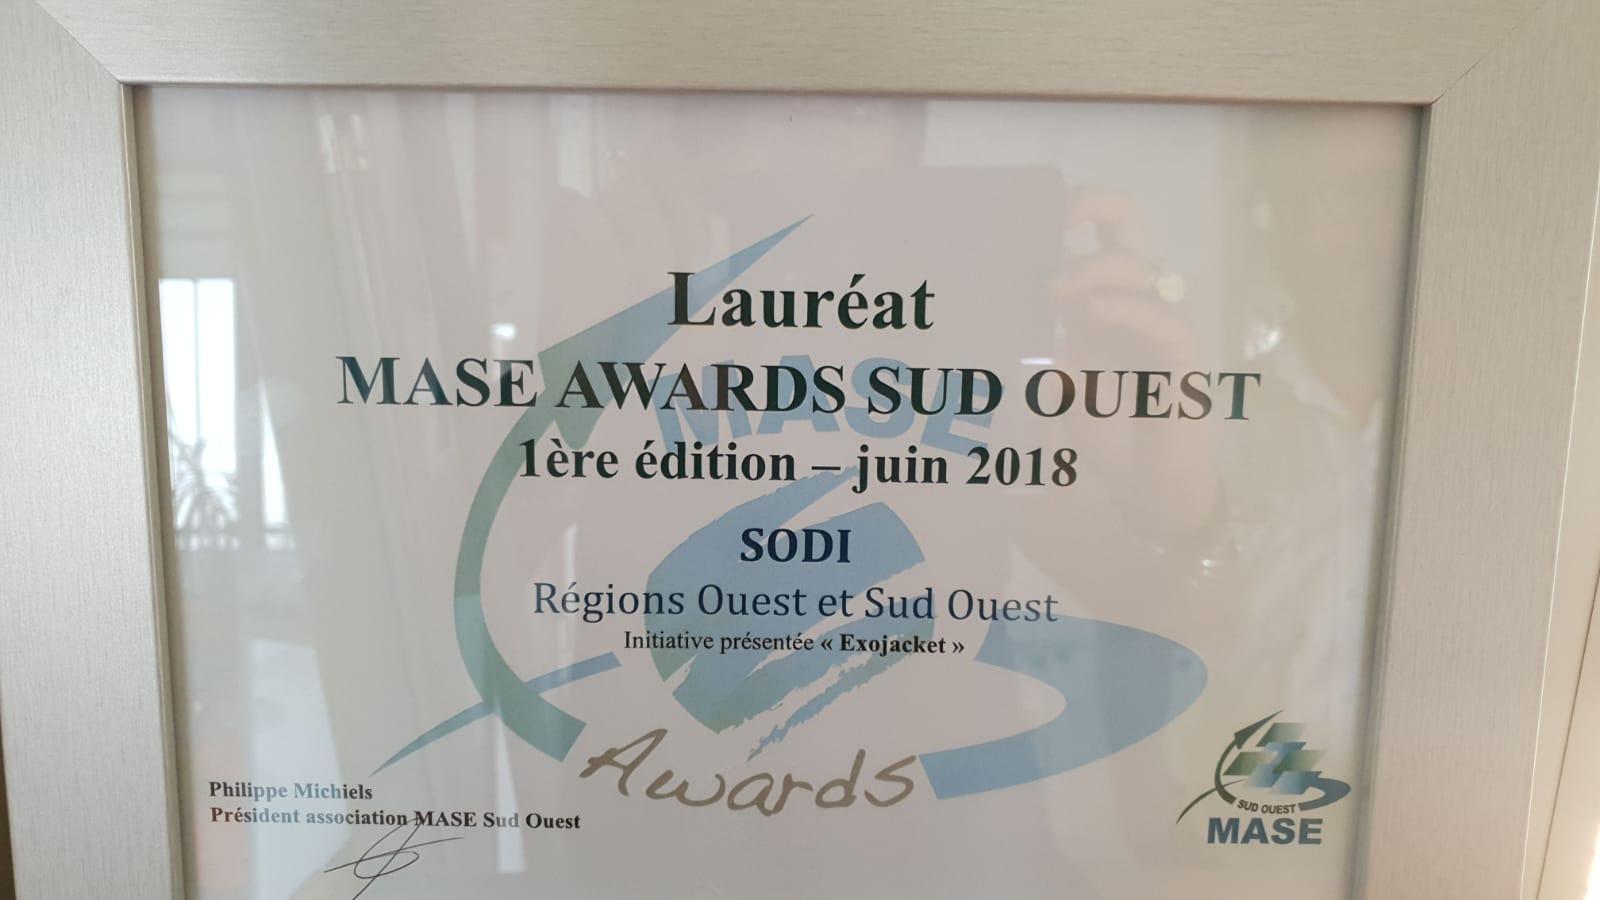 Lauréat MASE AWARDS SUD OUEST 2018